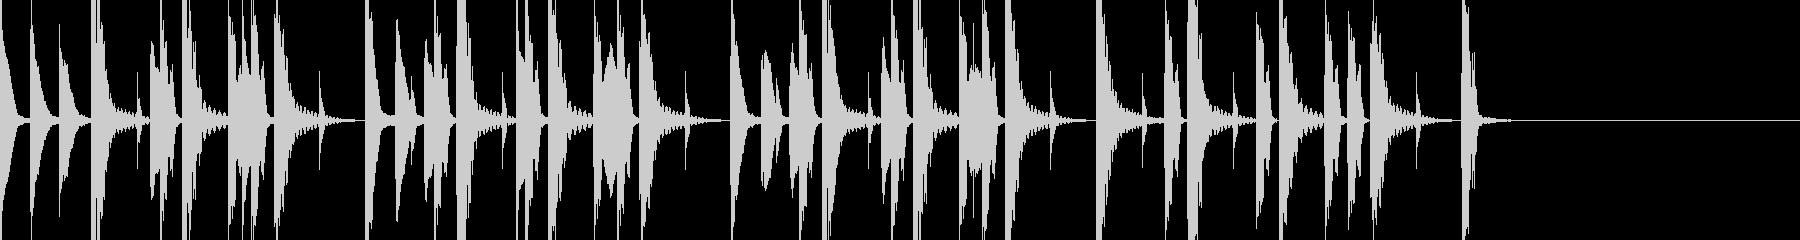 ほのぼの ジングルの未再生の波形